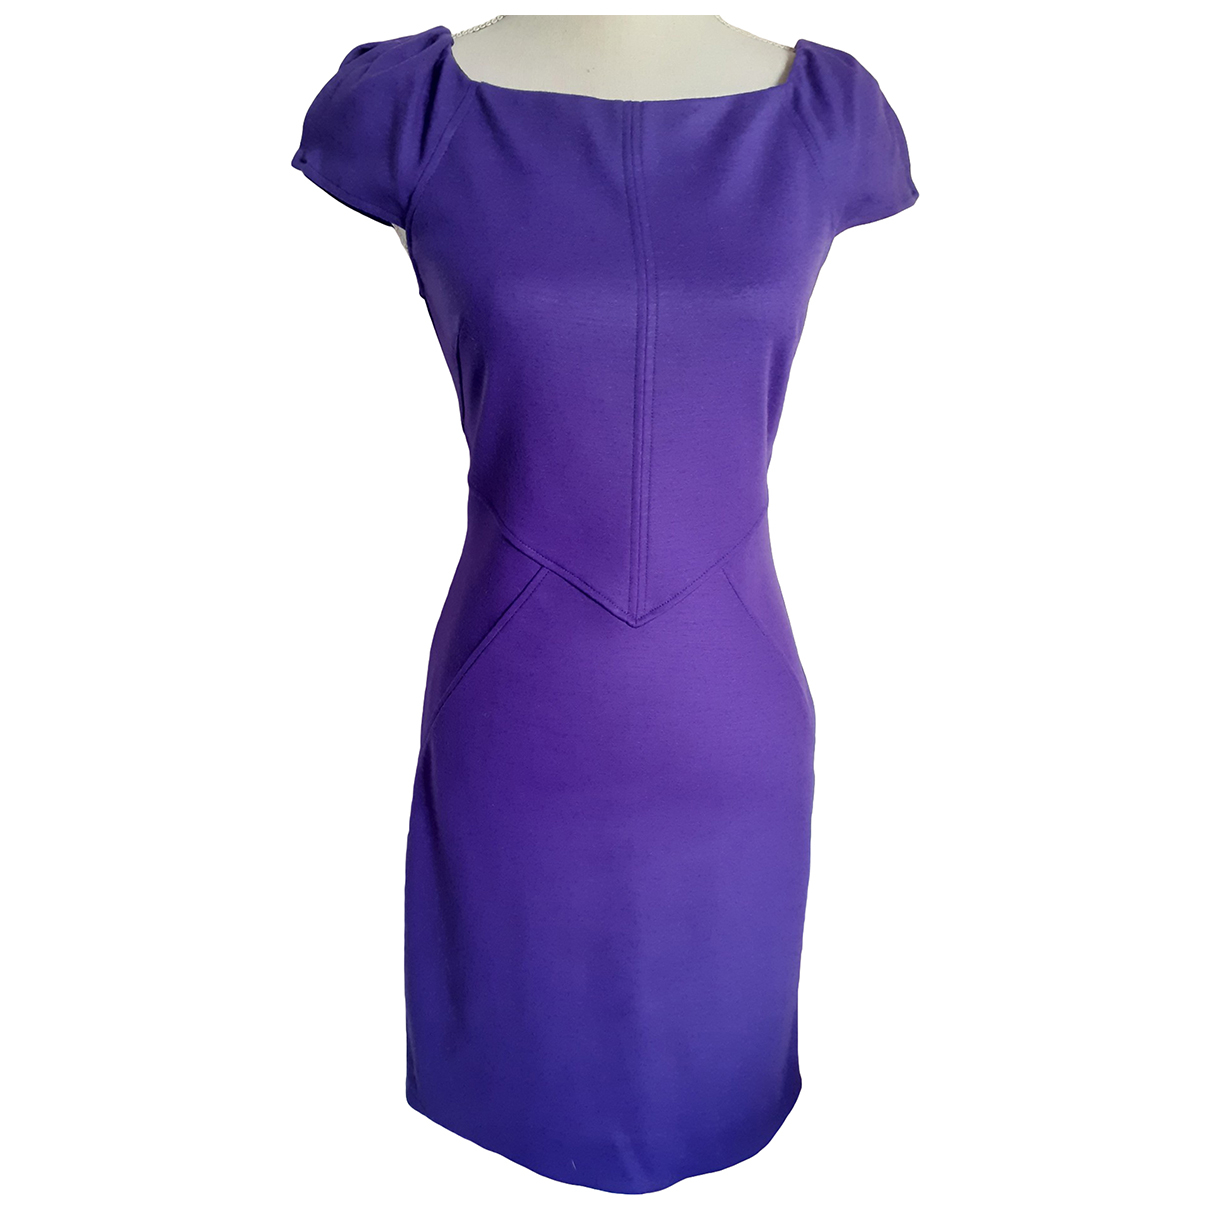 Diane Von Furstenberg N Purple Wool dress for Women 6 US